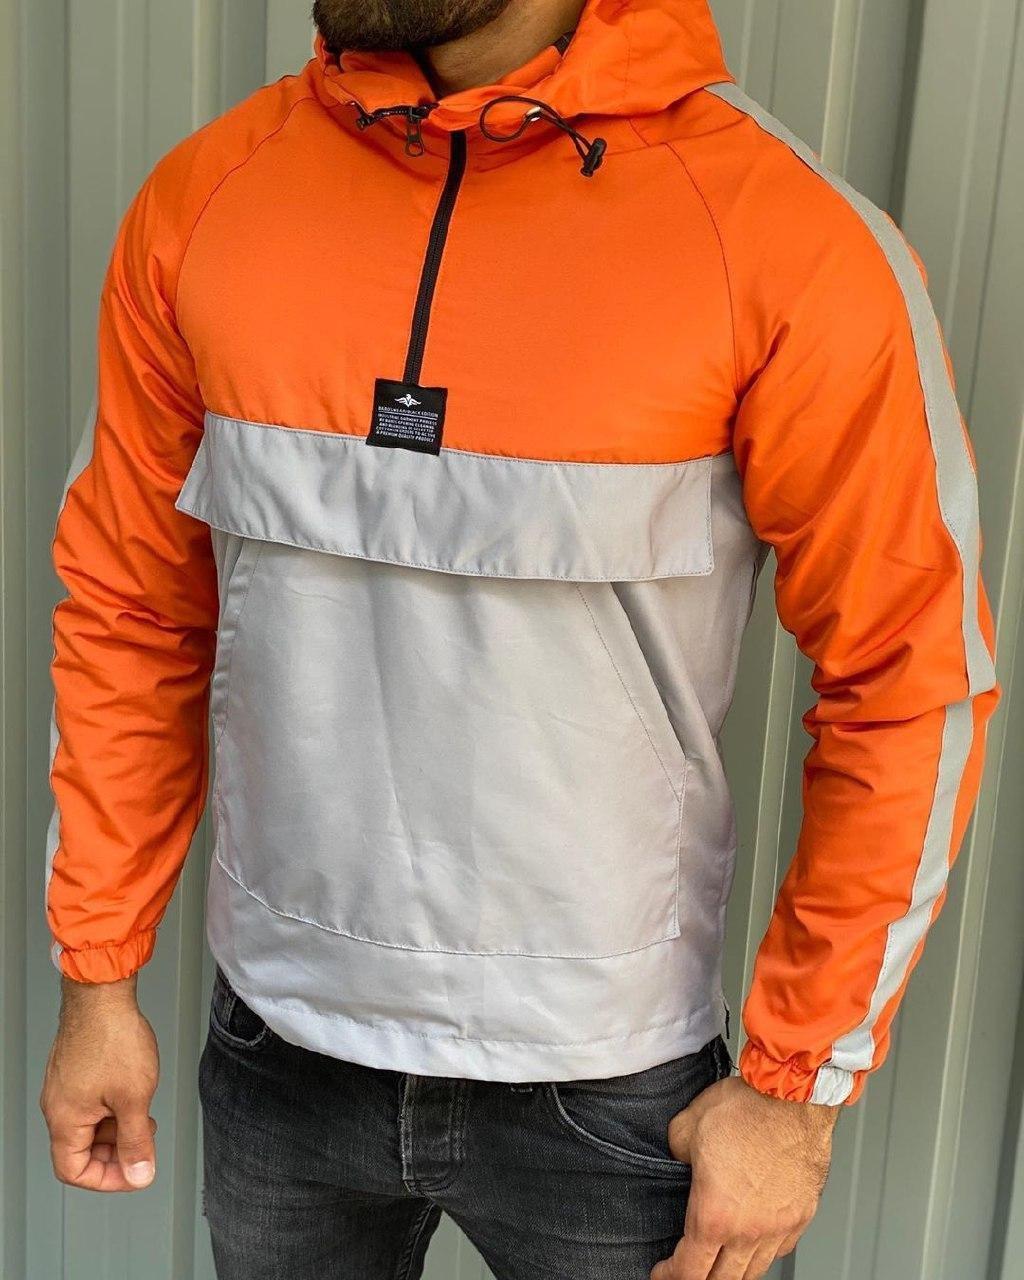 Мужская куртка анорак M492 оранжевая